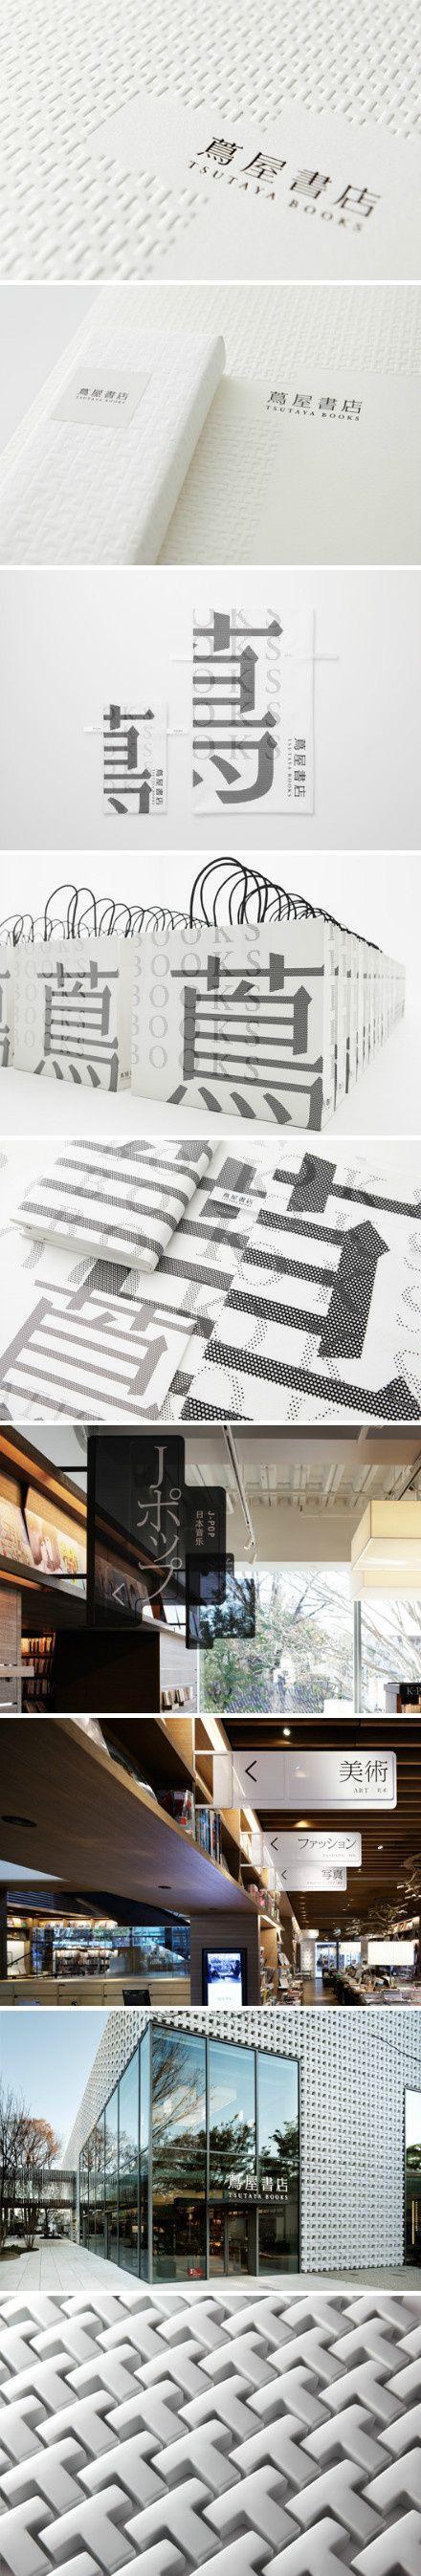 原研哉(Kenya HARA):茑屋书店... Beauty in white identity, packaging and branding PD